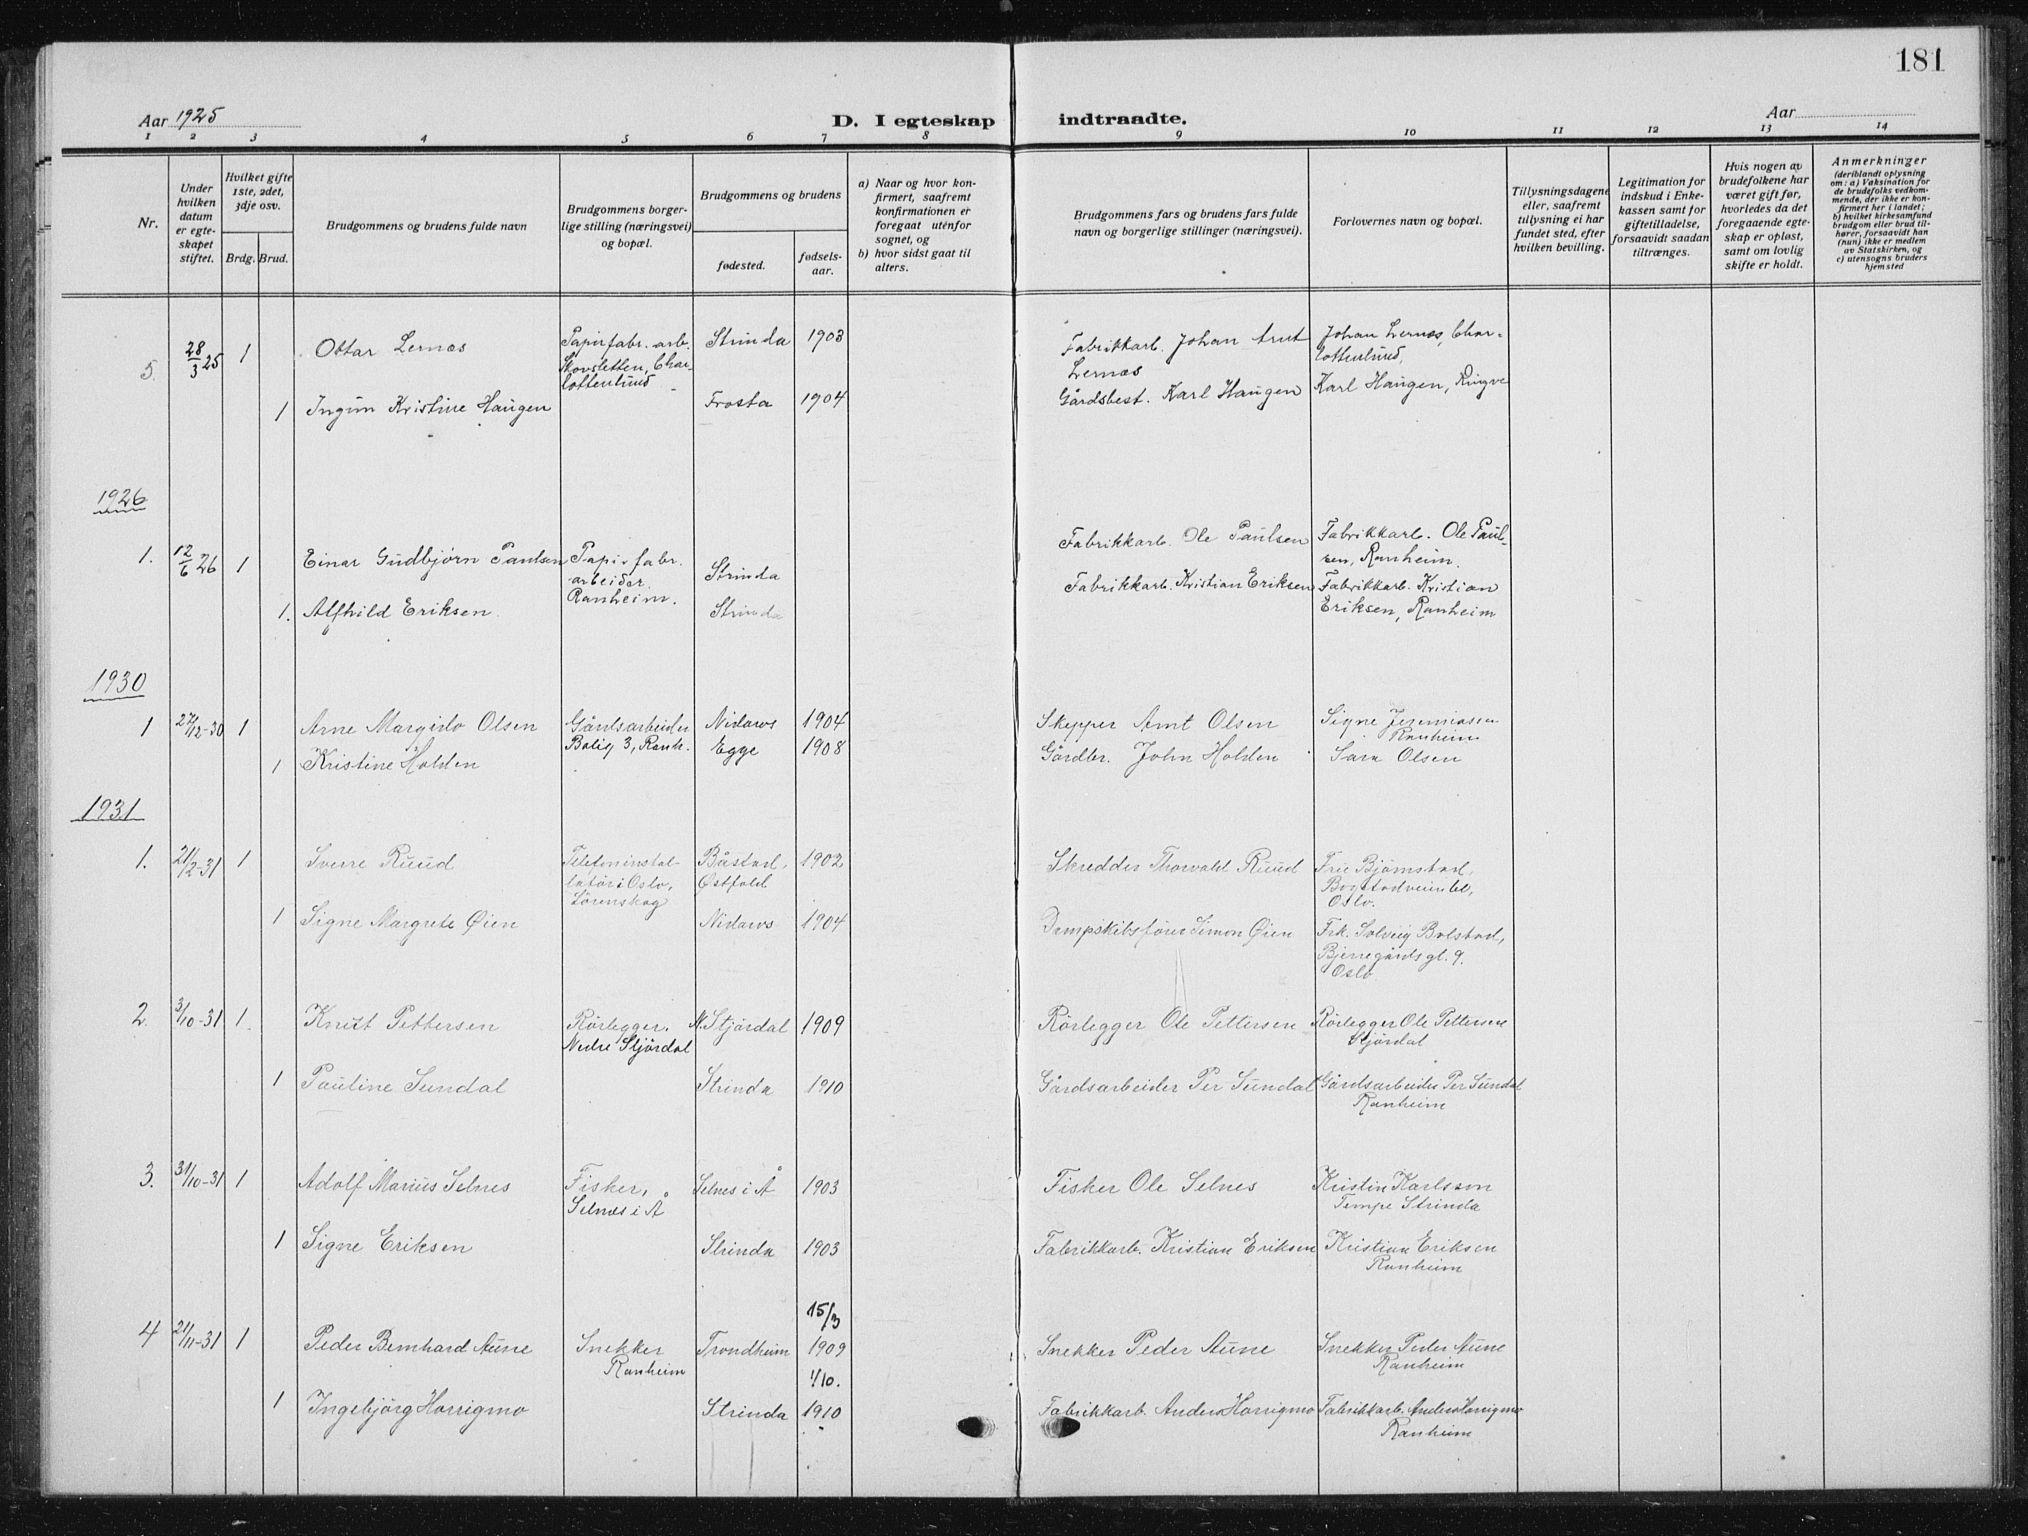 SAT, Ministerialprotokoller, klokkerbøker og fødselsregistre - Sør-Trøndelag, 615/L0401: Klokkerbok nr. 615C02, 1922-1941, s. 181